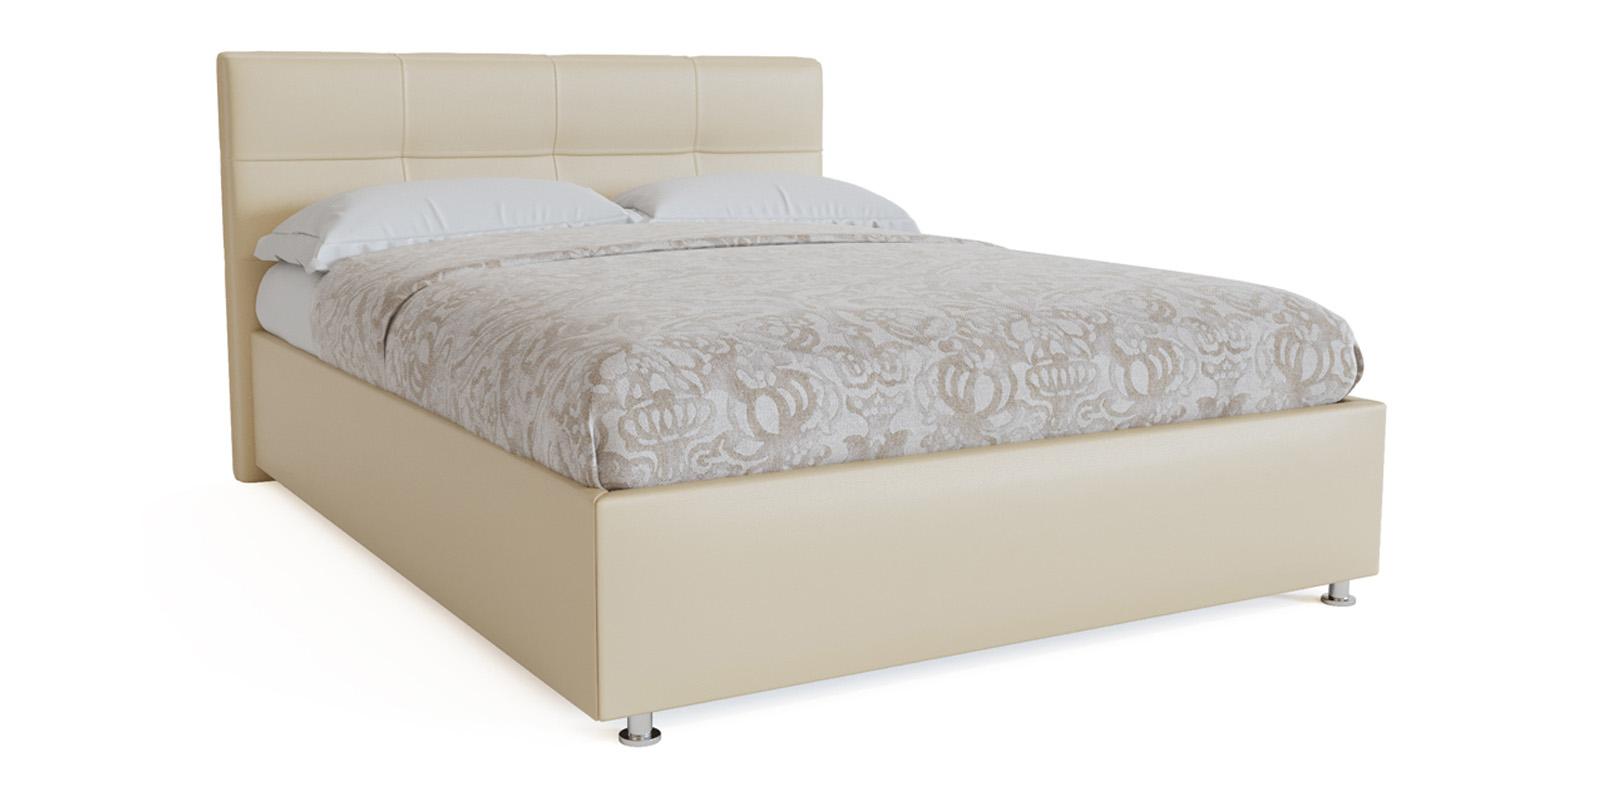 Мягкая кровать 200х120 Неаполь с подъемным механизмом (Крем-брюле)